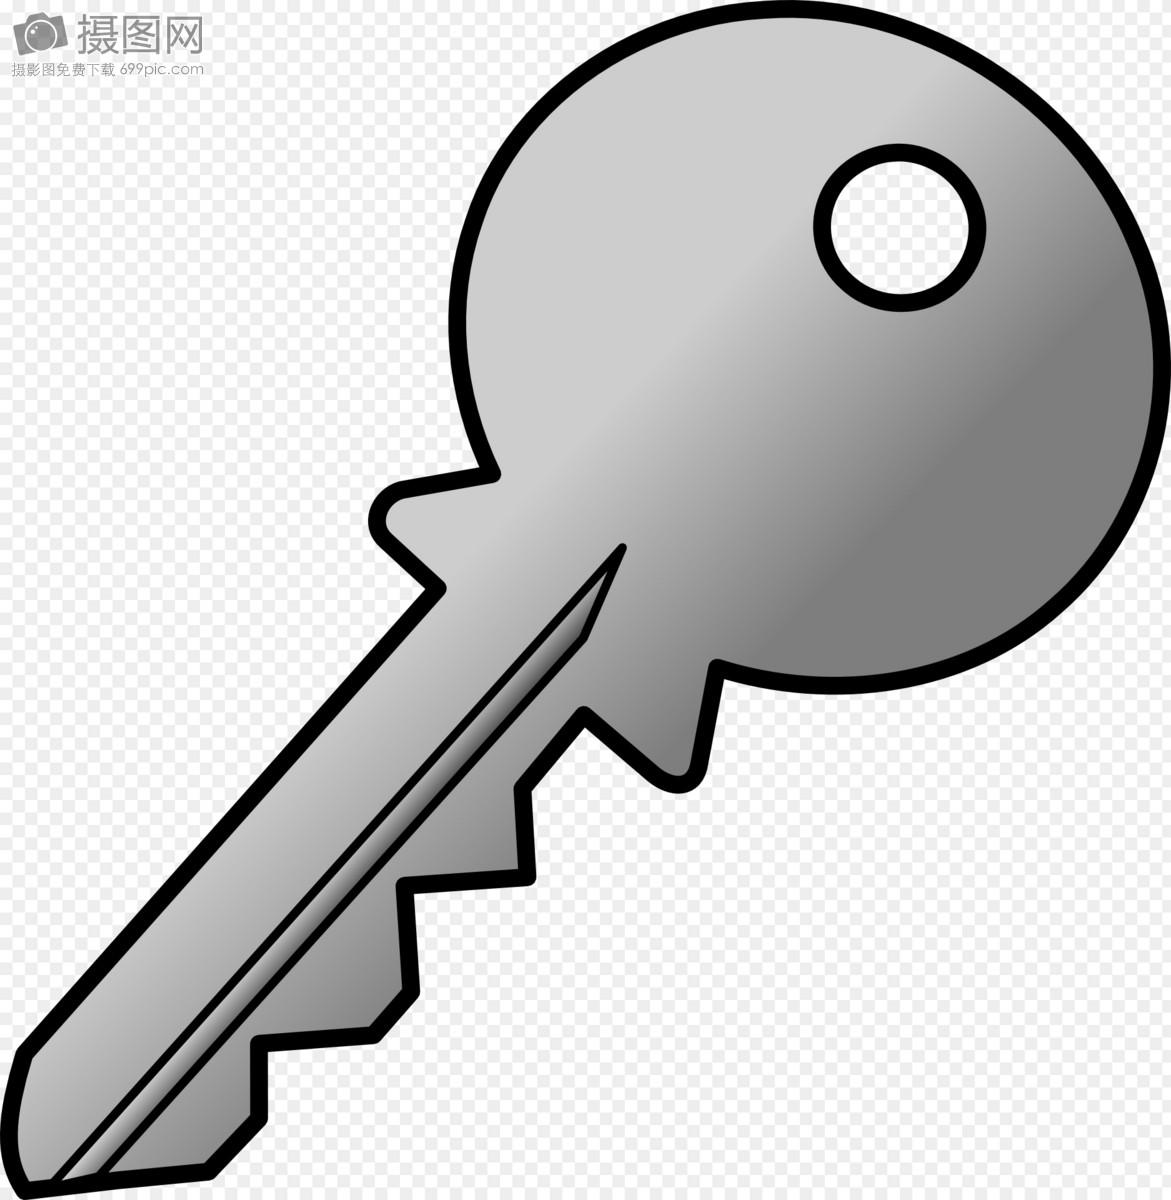 灰色钥匙摄影图片照片免费下载,正版图片编号985800